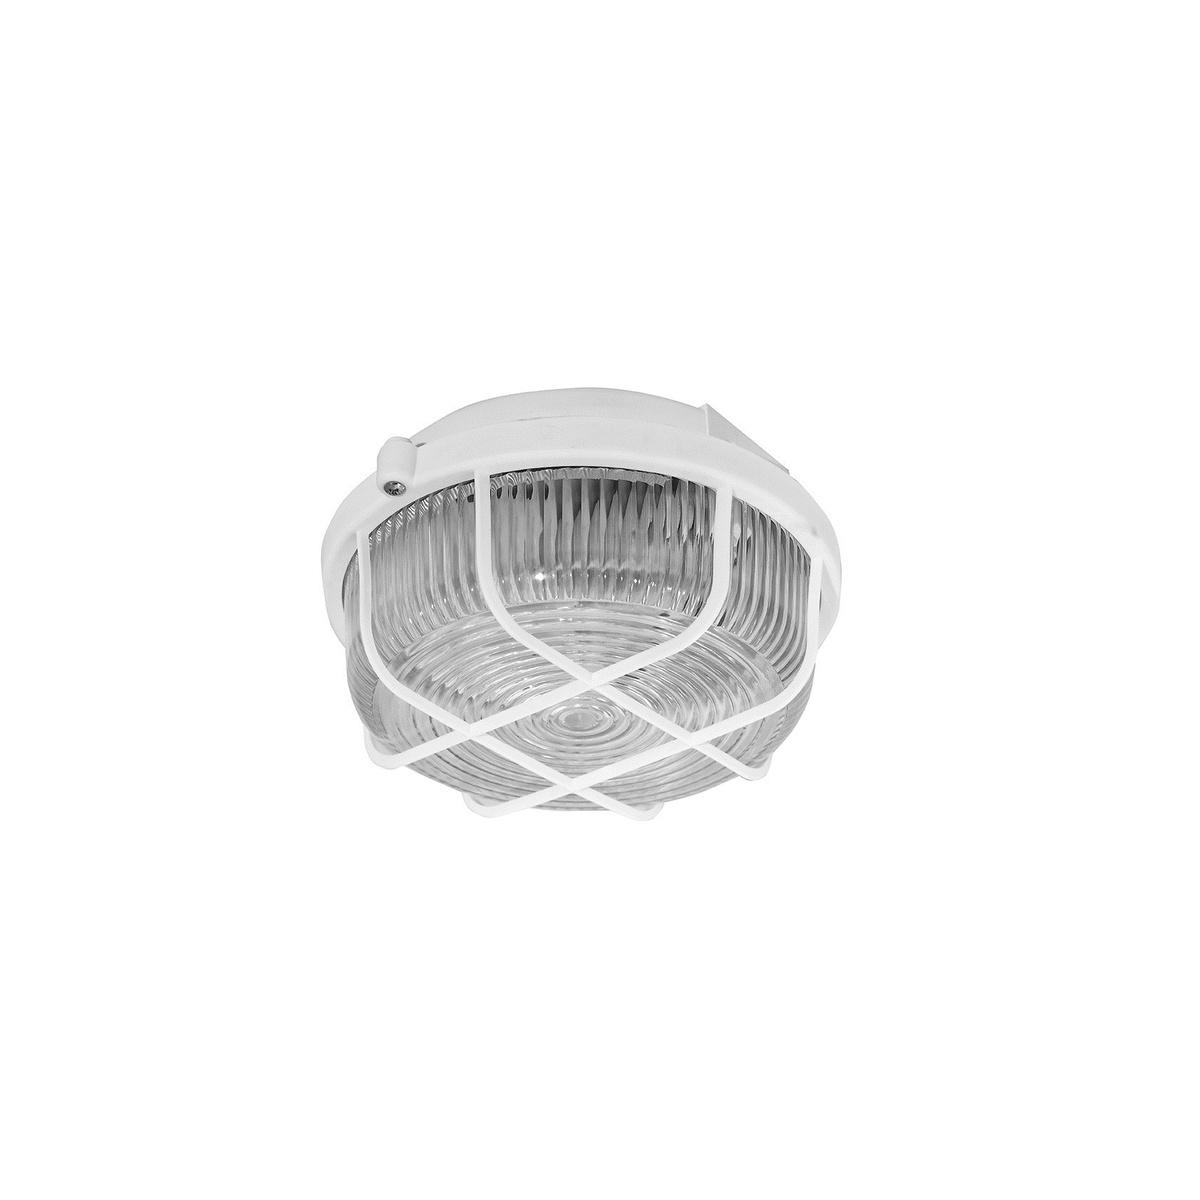 Panlux KRUH přisazené stropní a nástěnné kruhové svítidlo